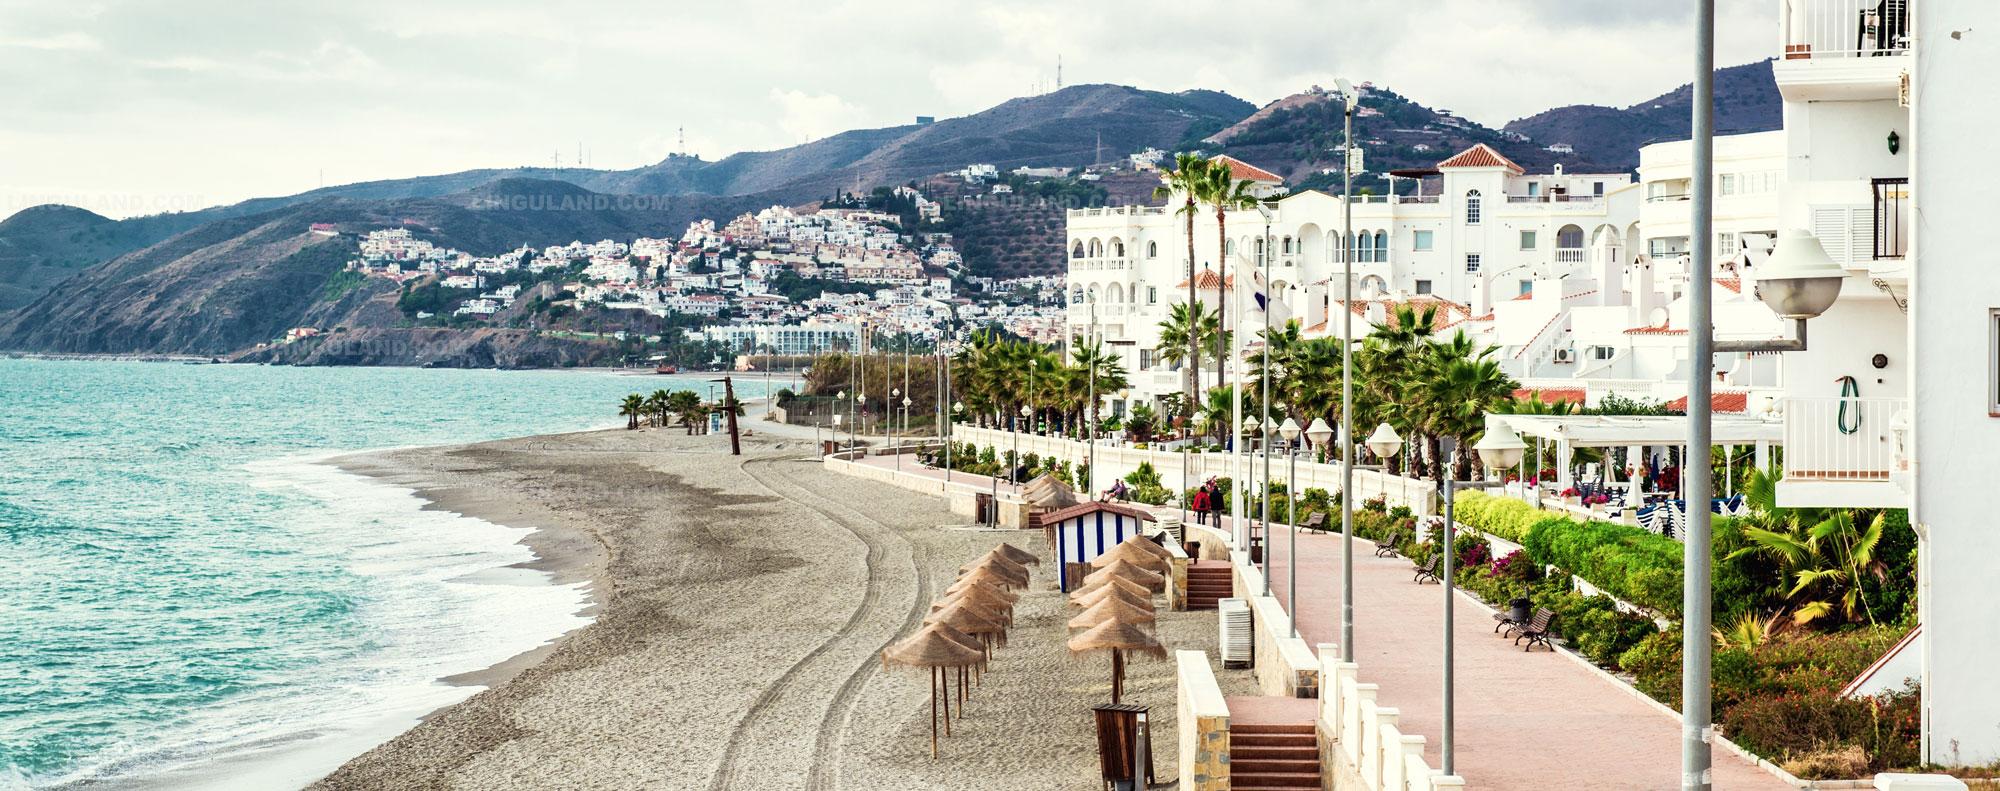 Sprachschulen in Marbella